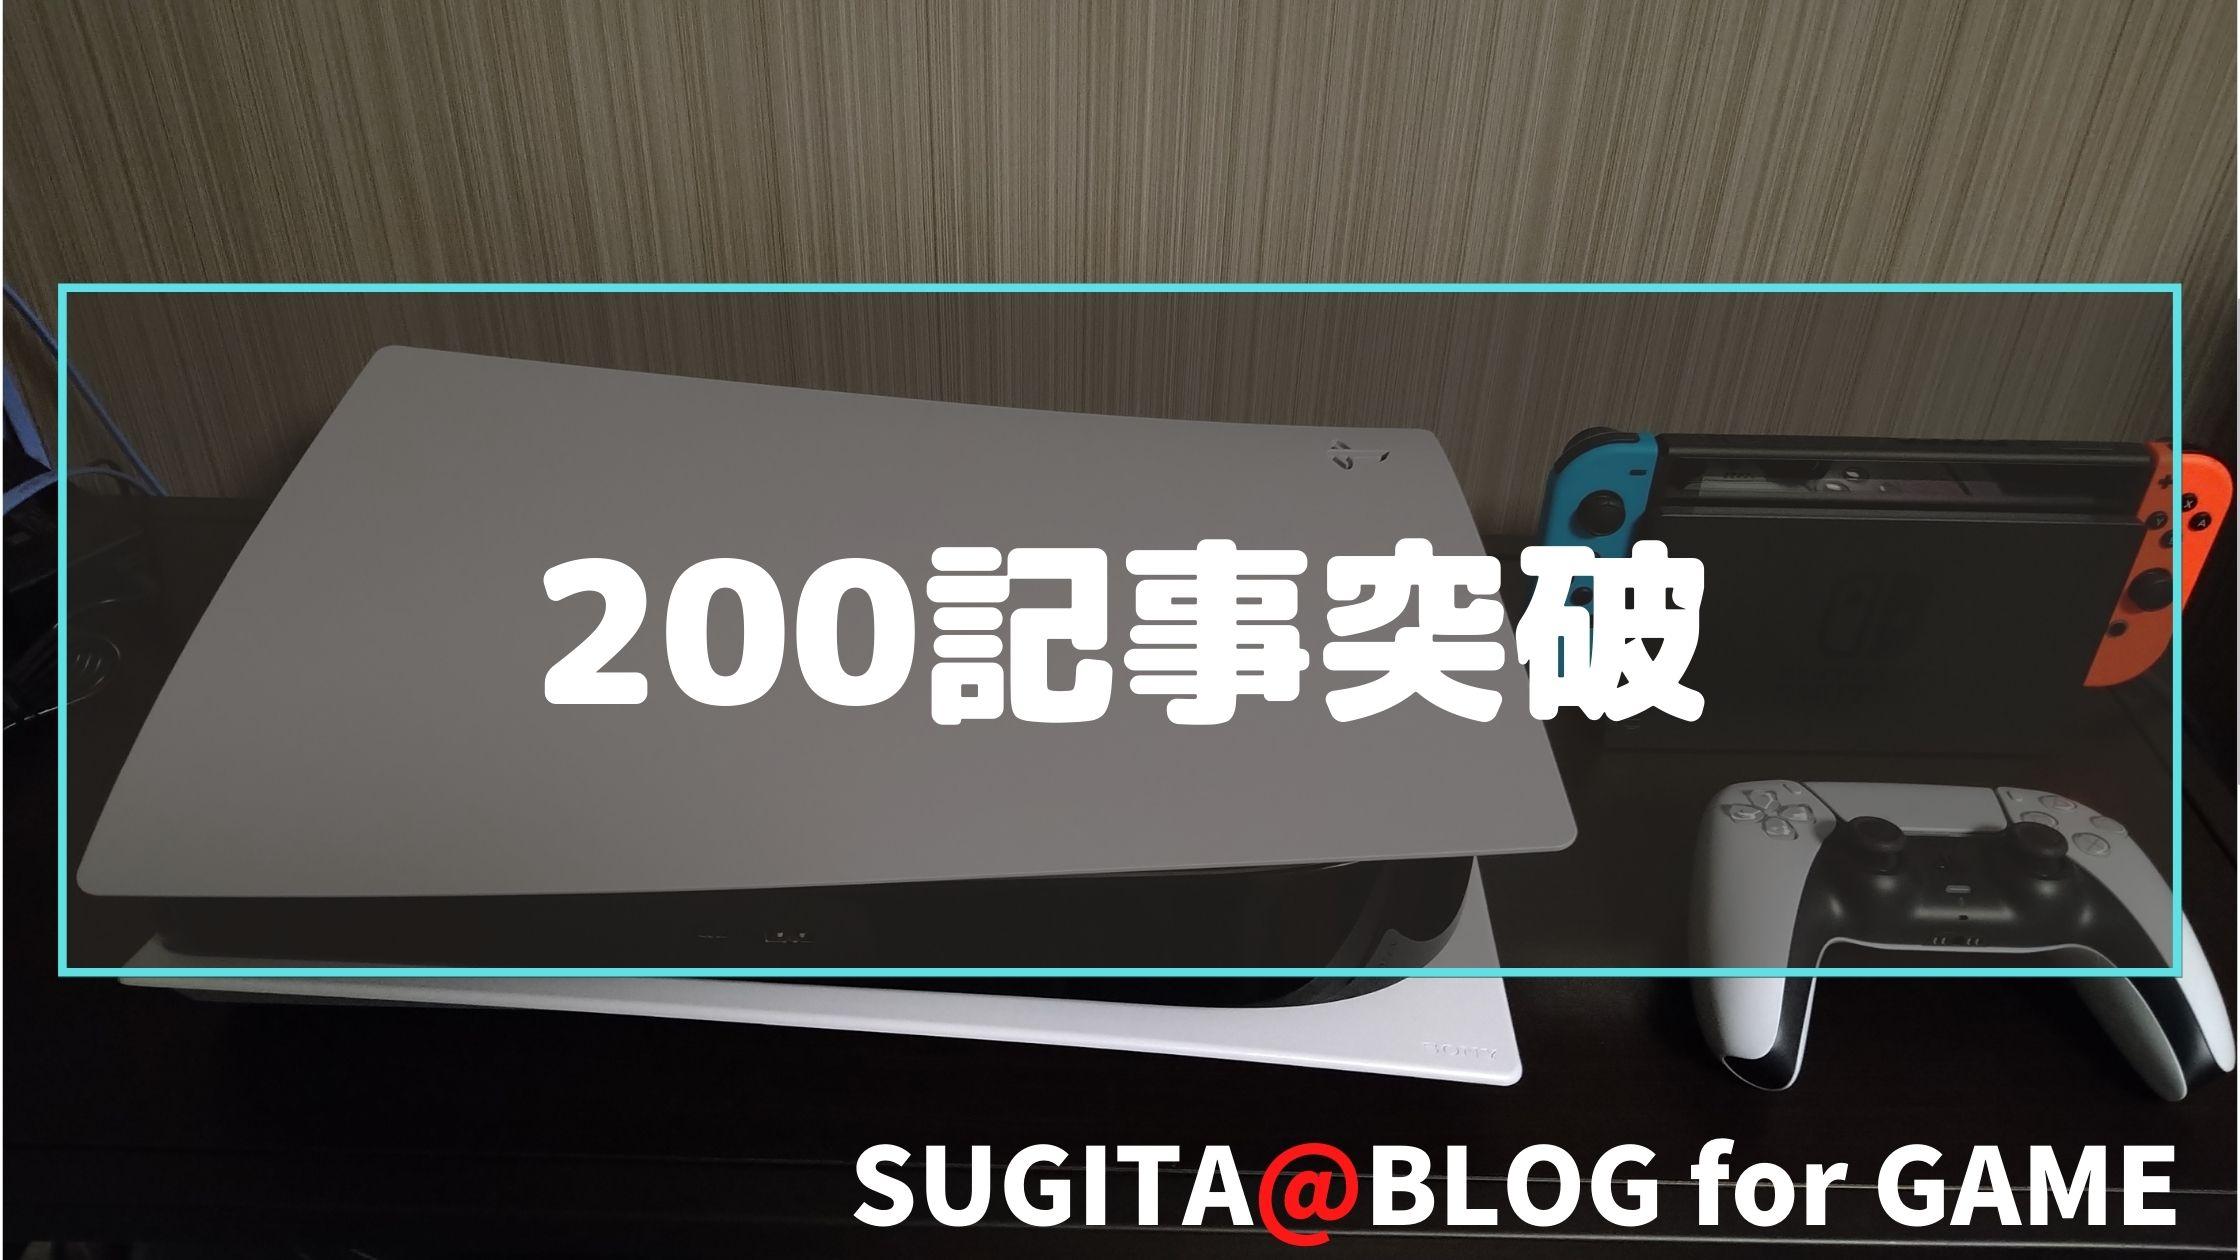 ブログ進捗_200記事突破